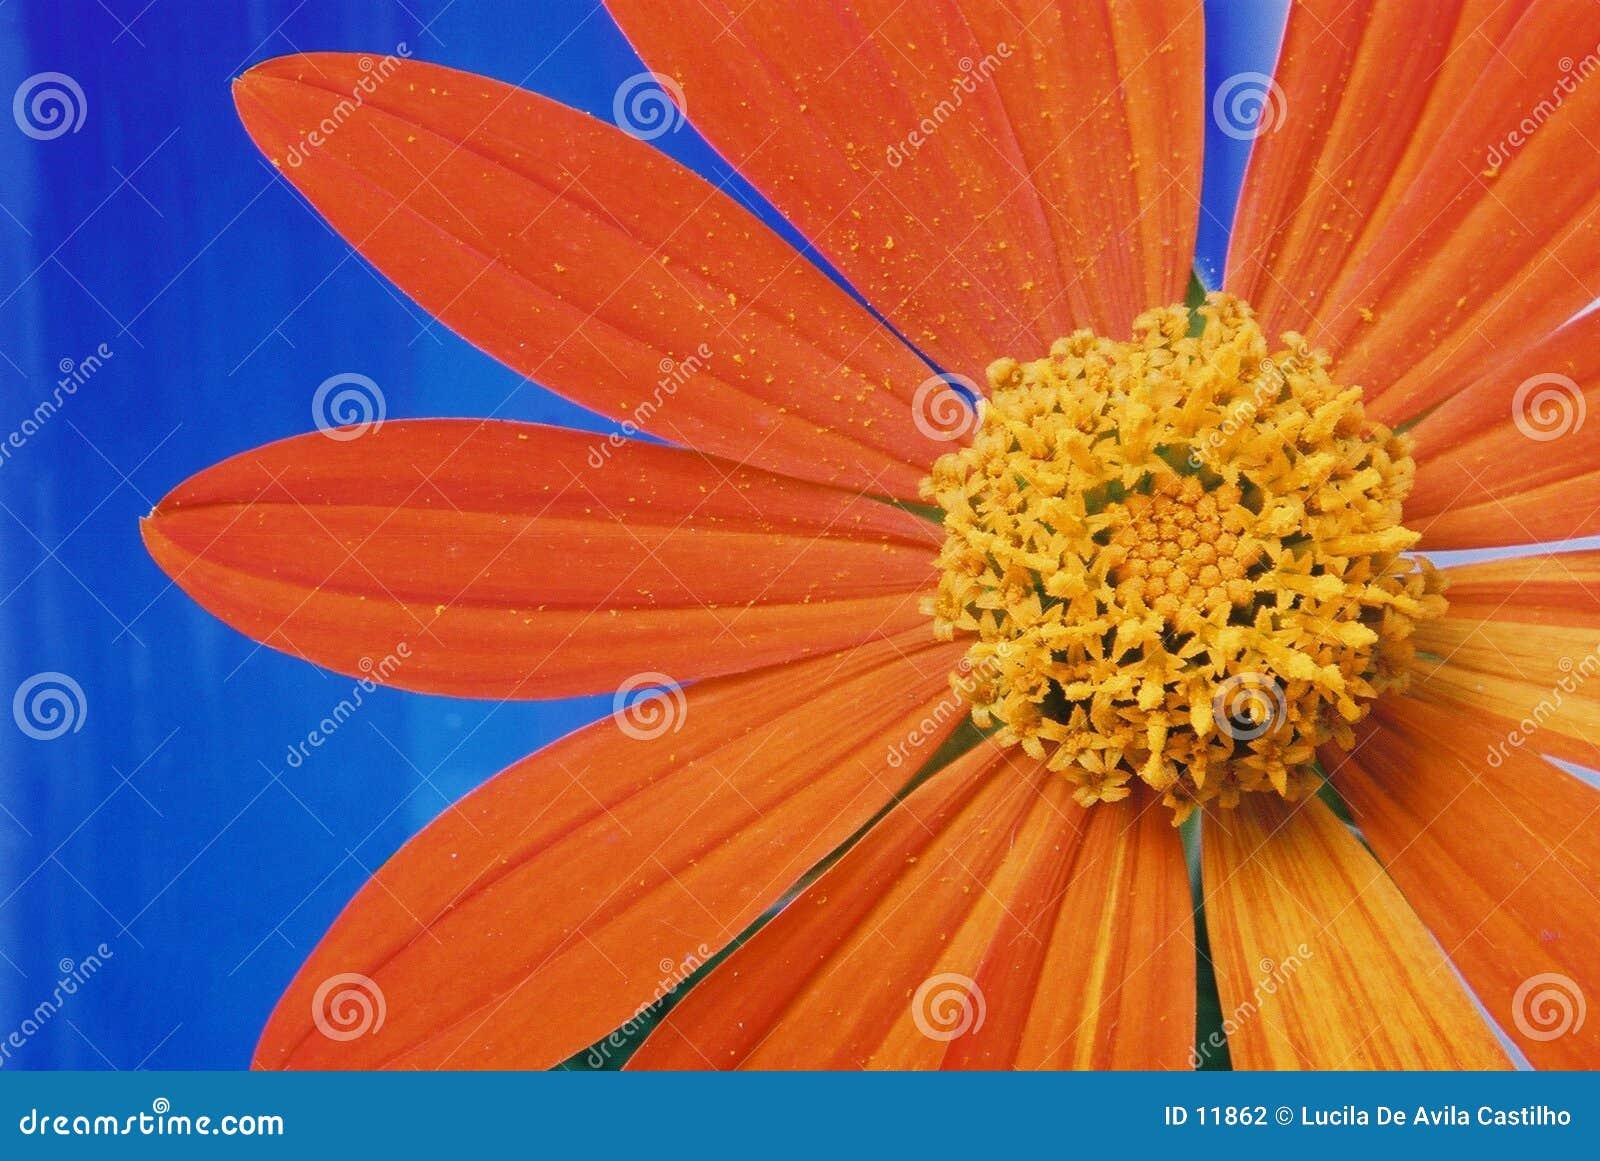 Flor y pétalos anaranjados